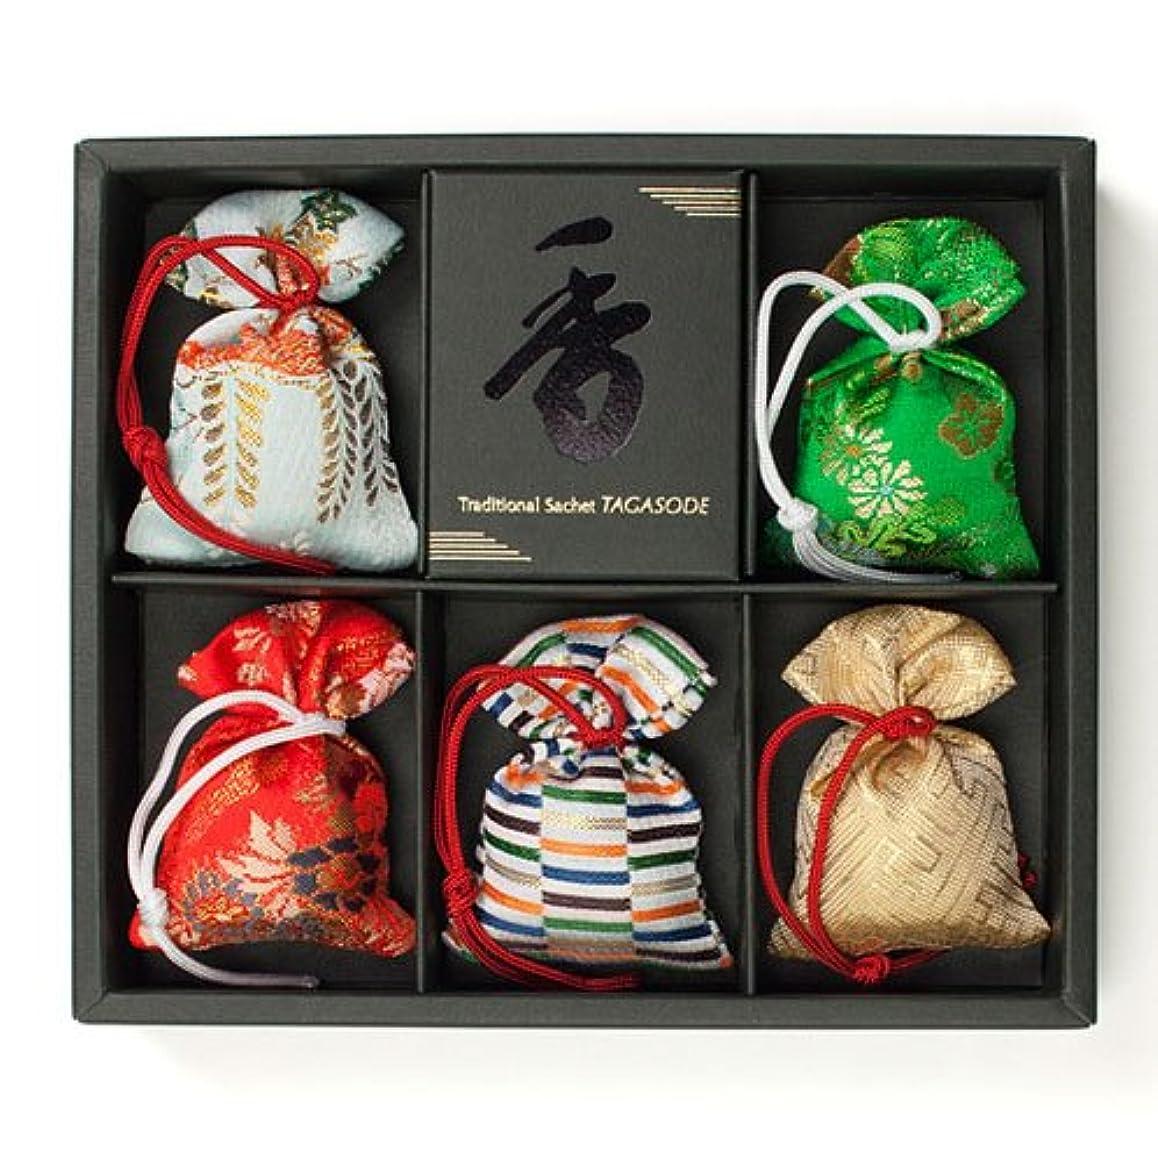 護衛電圧弱まる匂い袋 誰が袖 極品 5個入 松栄堂 Shoyeido 本体長さ60mm (色・柄は選べません)